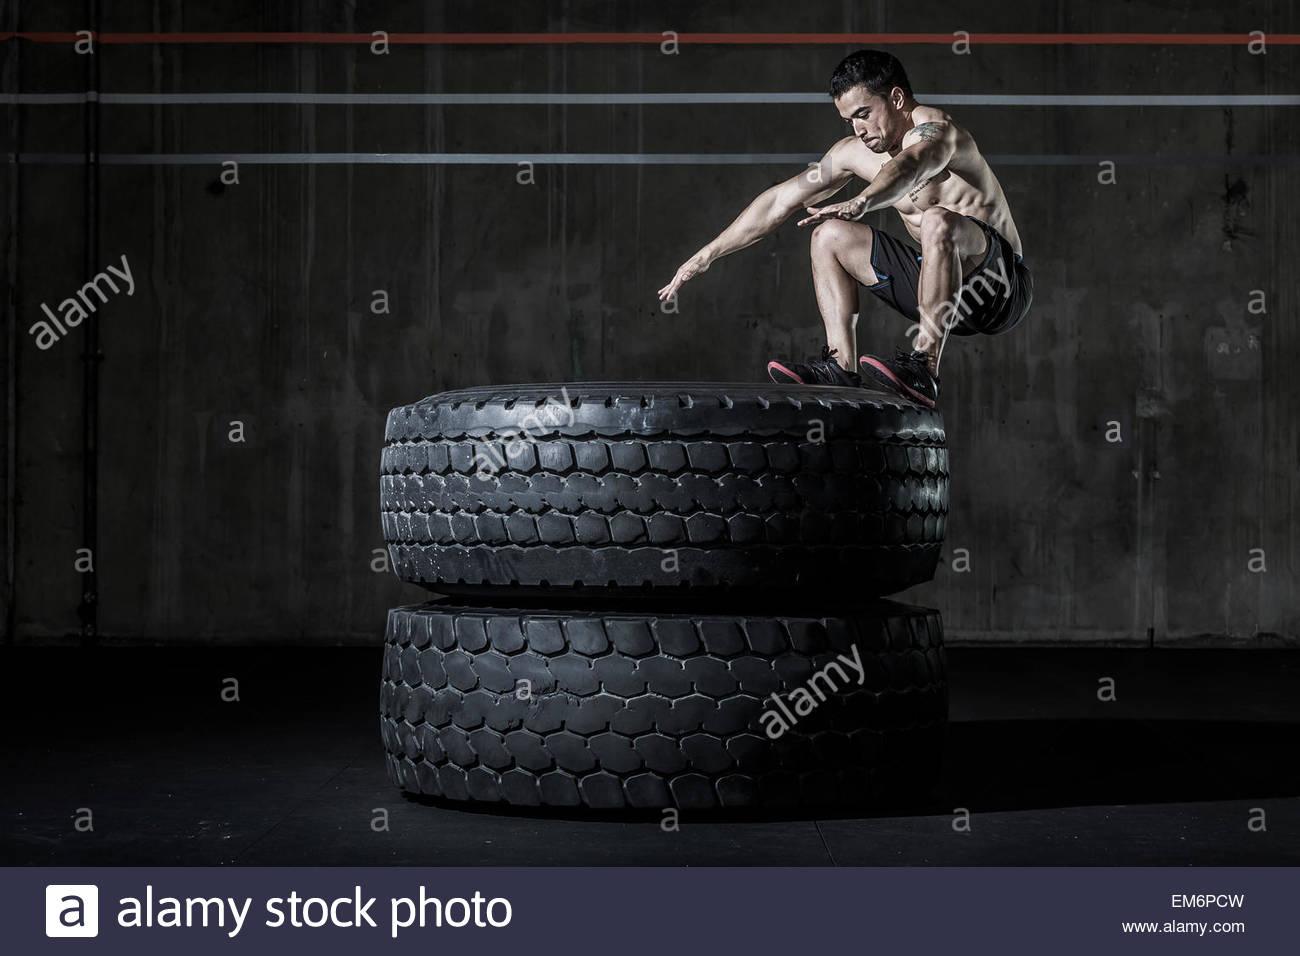 Un levantador de pesas y CrossFit descamisado macho deportista realiza un cuadro saltar sobre dos ruedas en un gimnasio Imagen De Stock